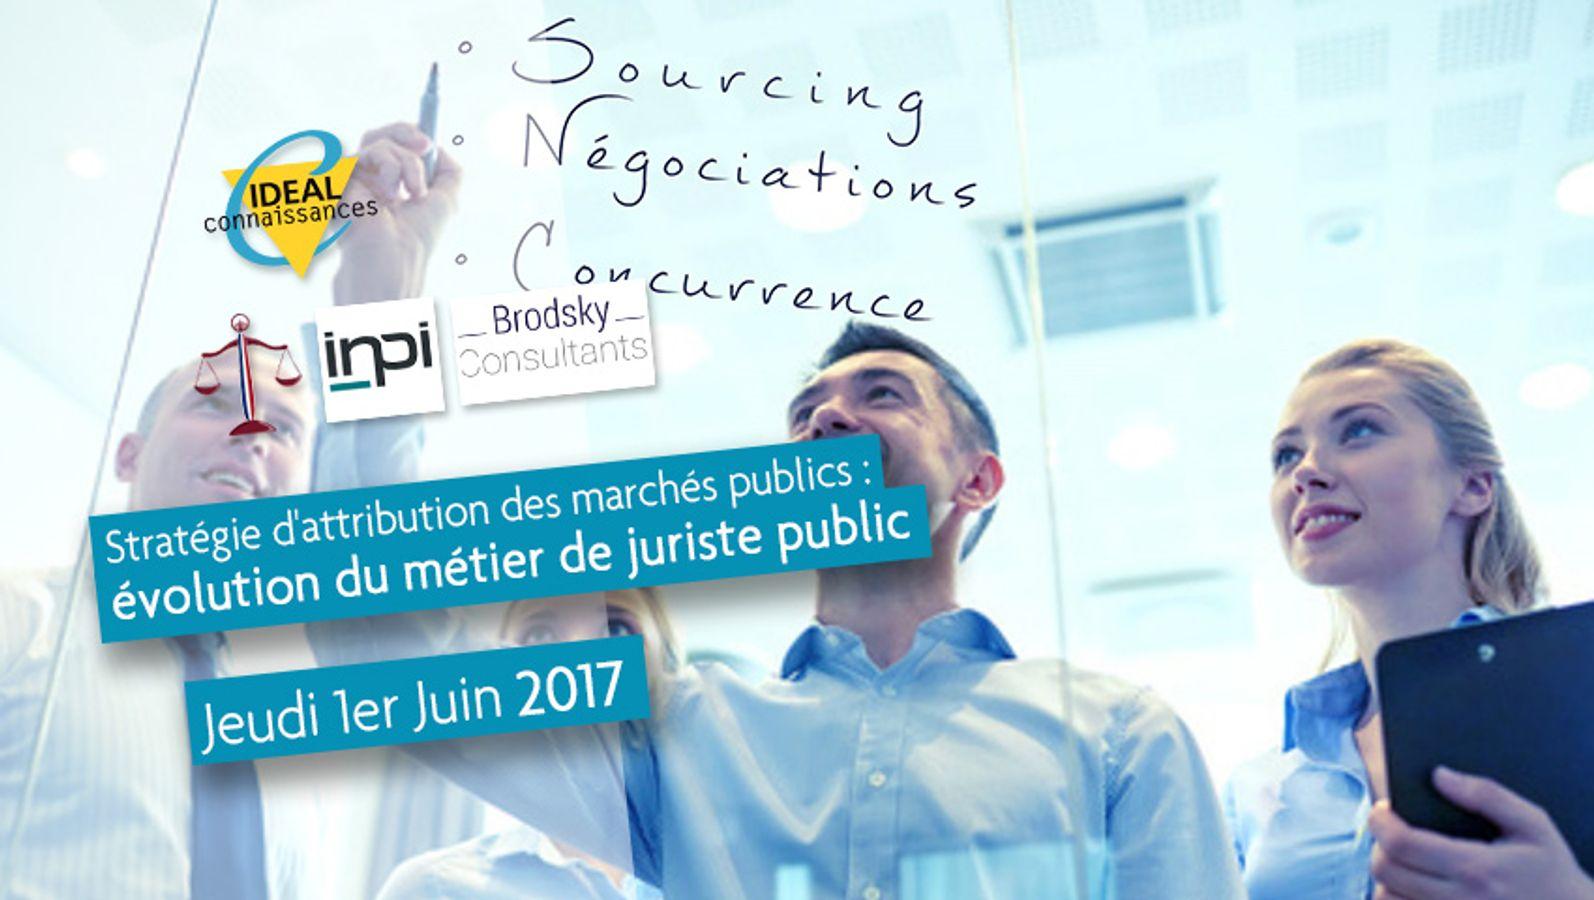 Stratégie d'attribution des marchés publics : évolution du métier de juriste public